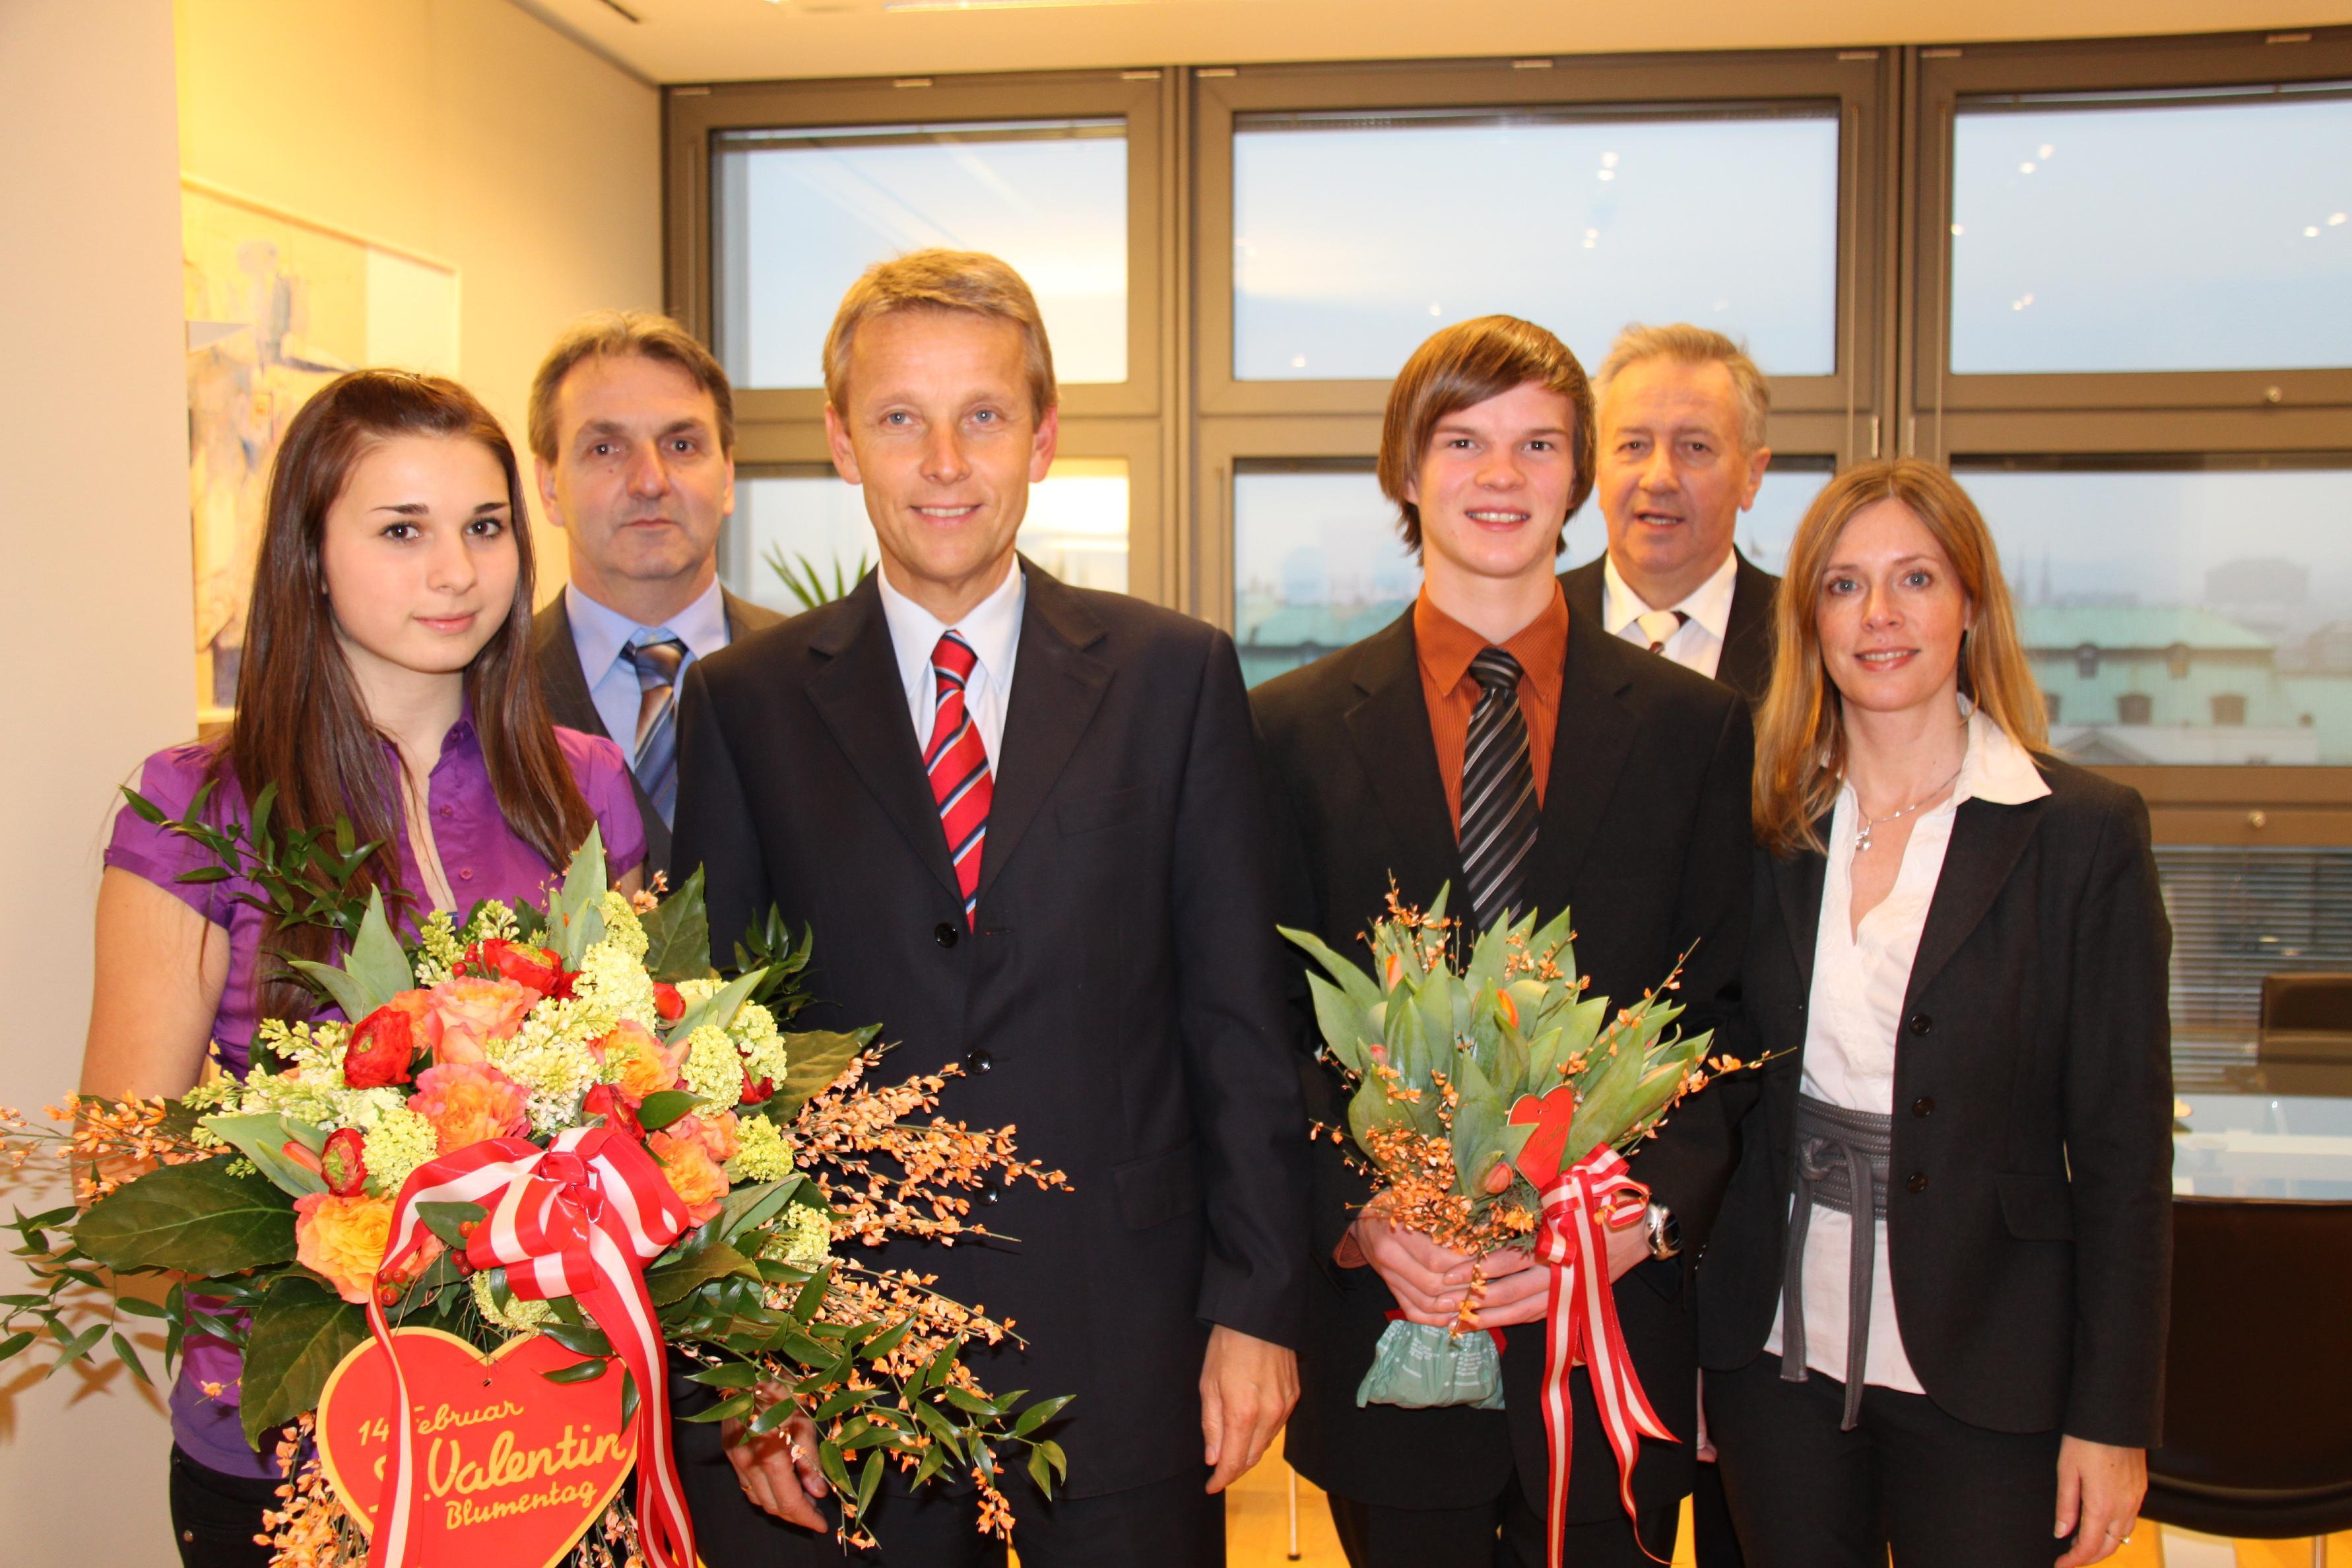 Blumengrüße vom Blumenbüro Österreich (C) Sven Pöllauer